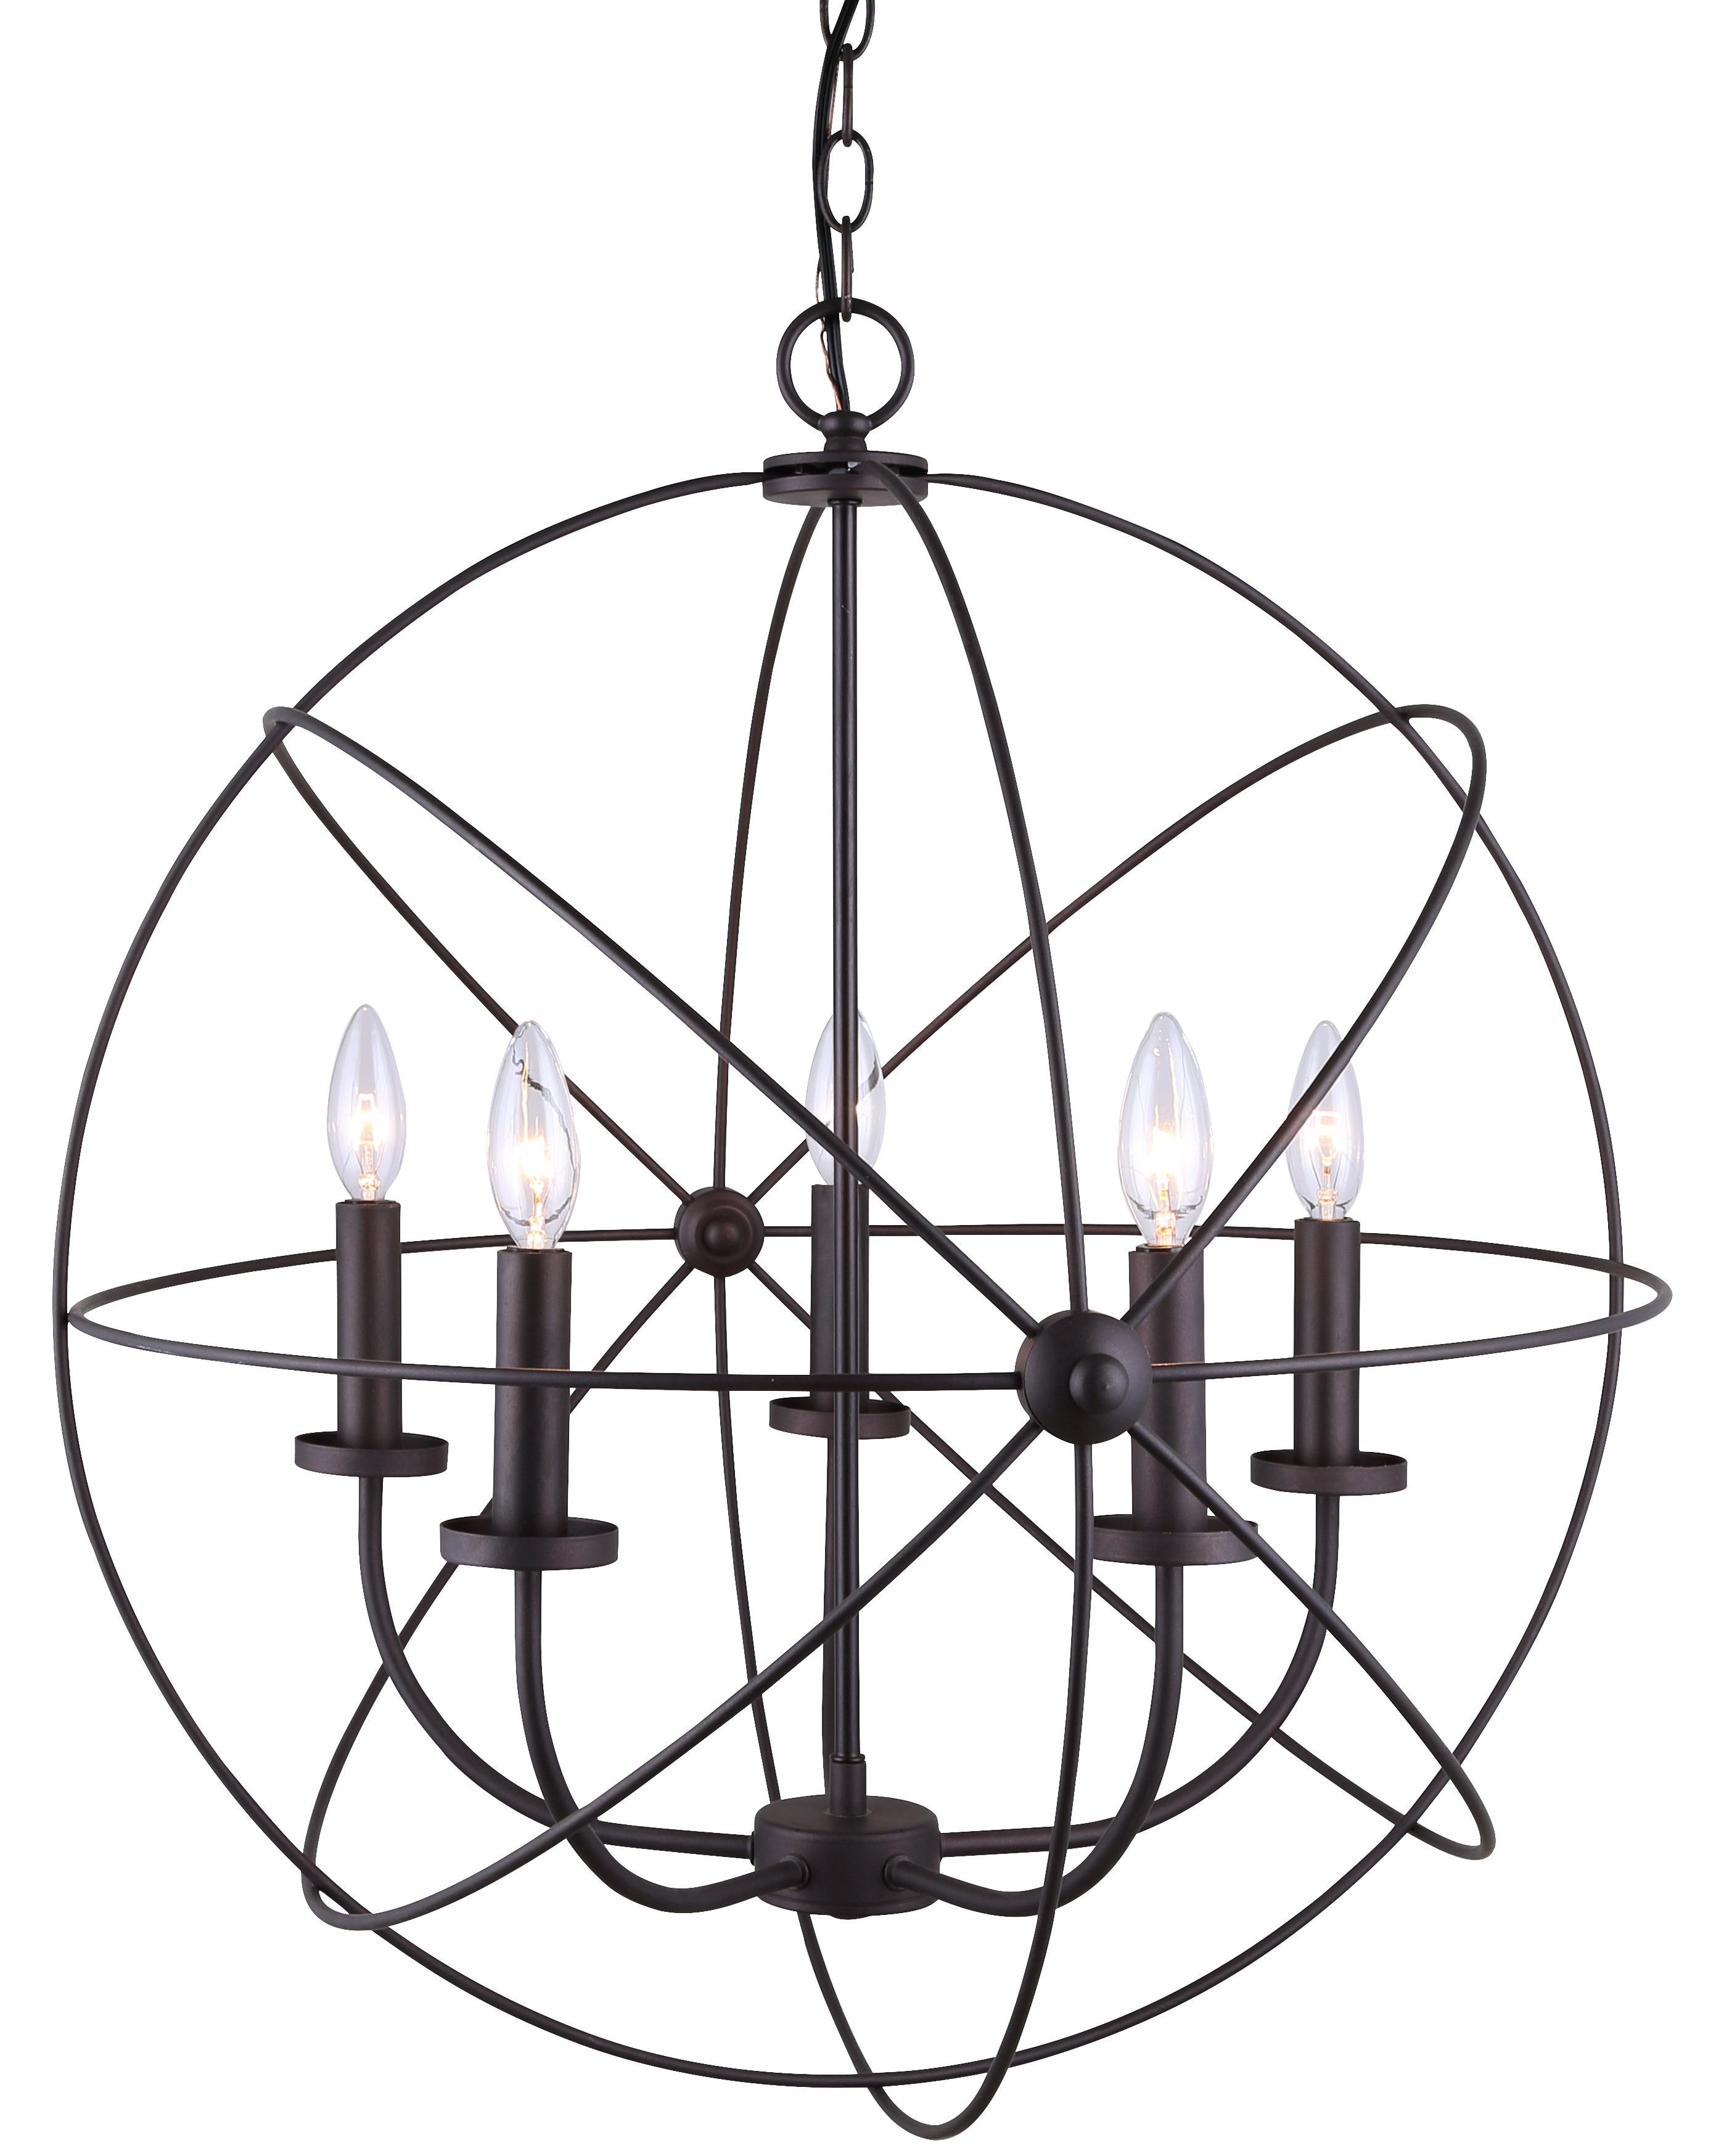 2020 Waldron 5-Light Globe Chandelier in Waldron 5-Light Globe Chandeliers